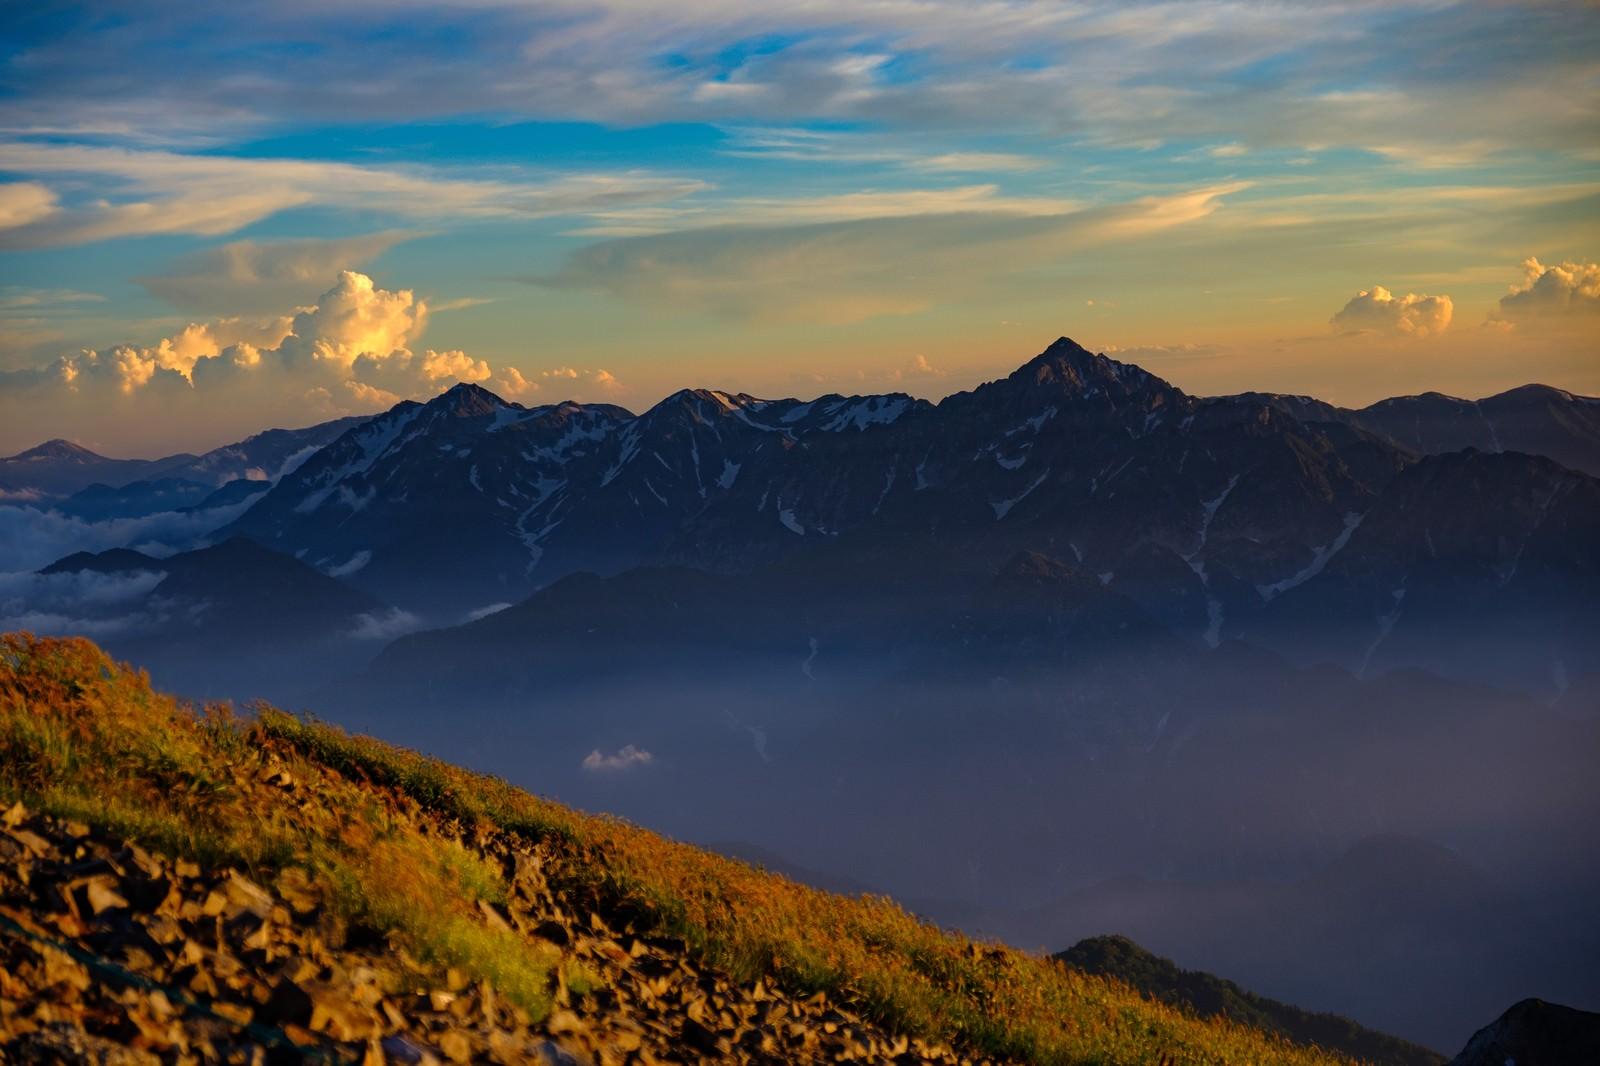 「オレンジに染まり始める立山連峰と剱岳」の写真